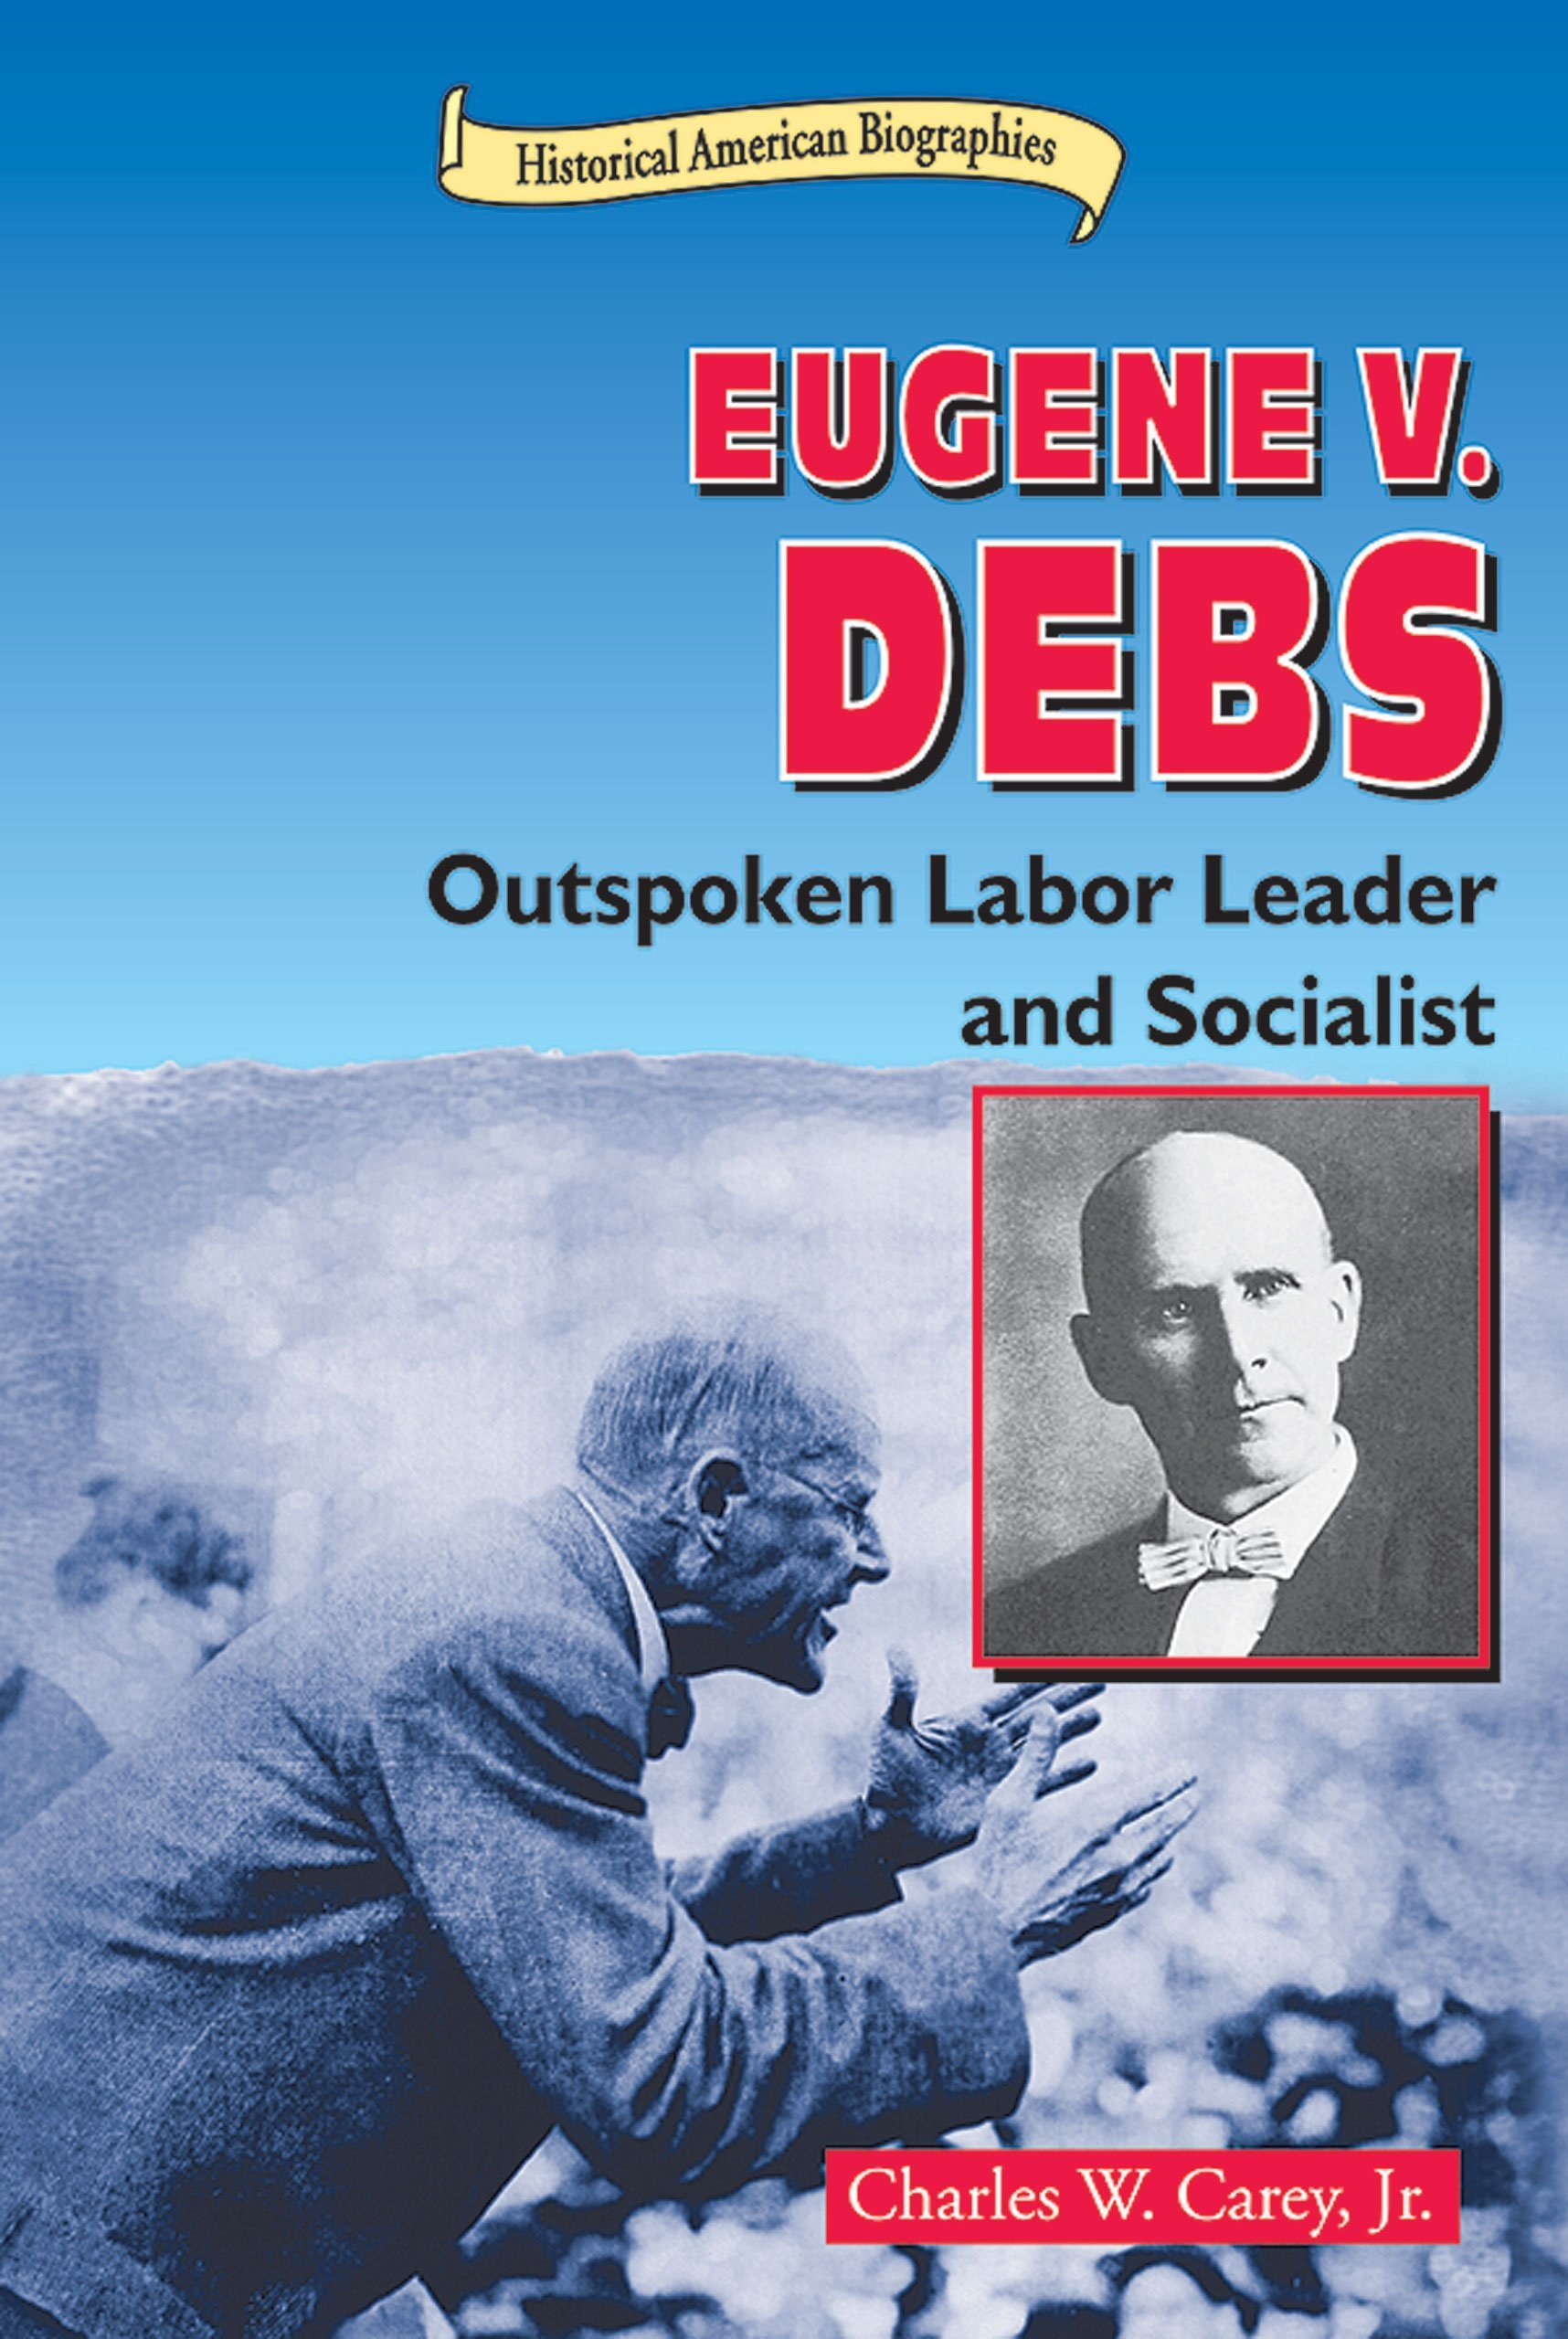 Eugene V. Debs: Outspoken Labor Leader and Socialist (Historical American Biographies) ebook